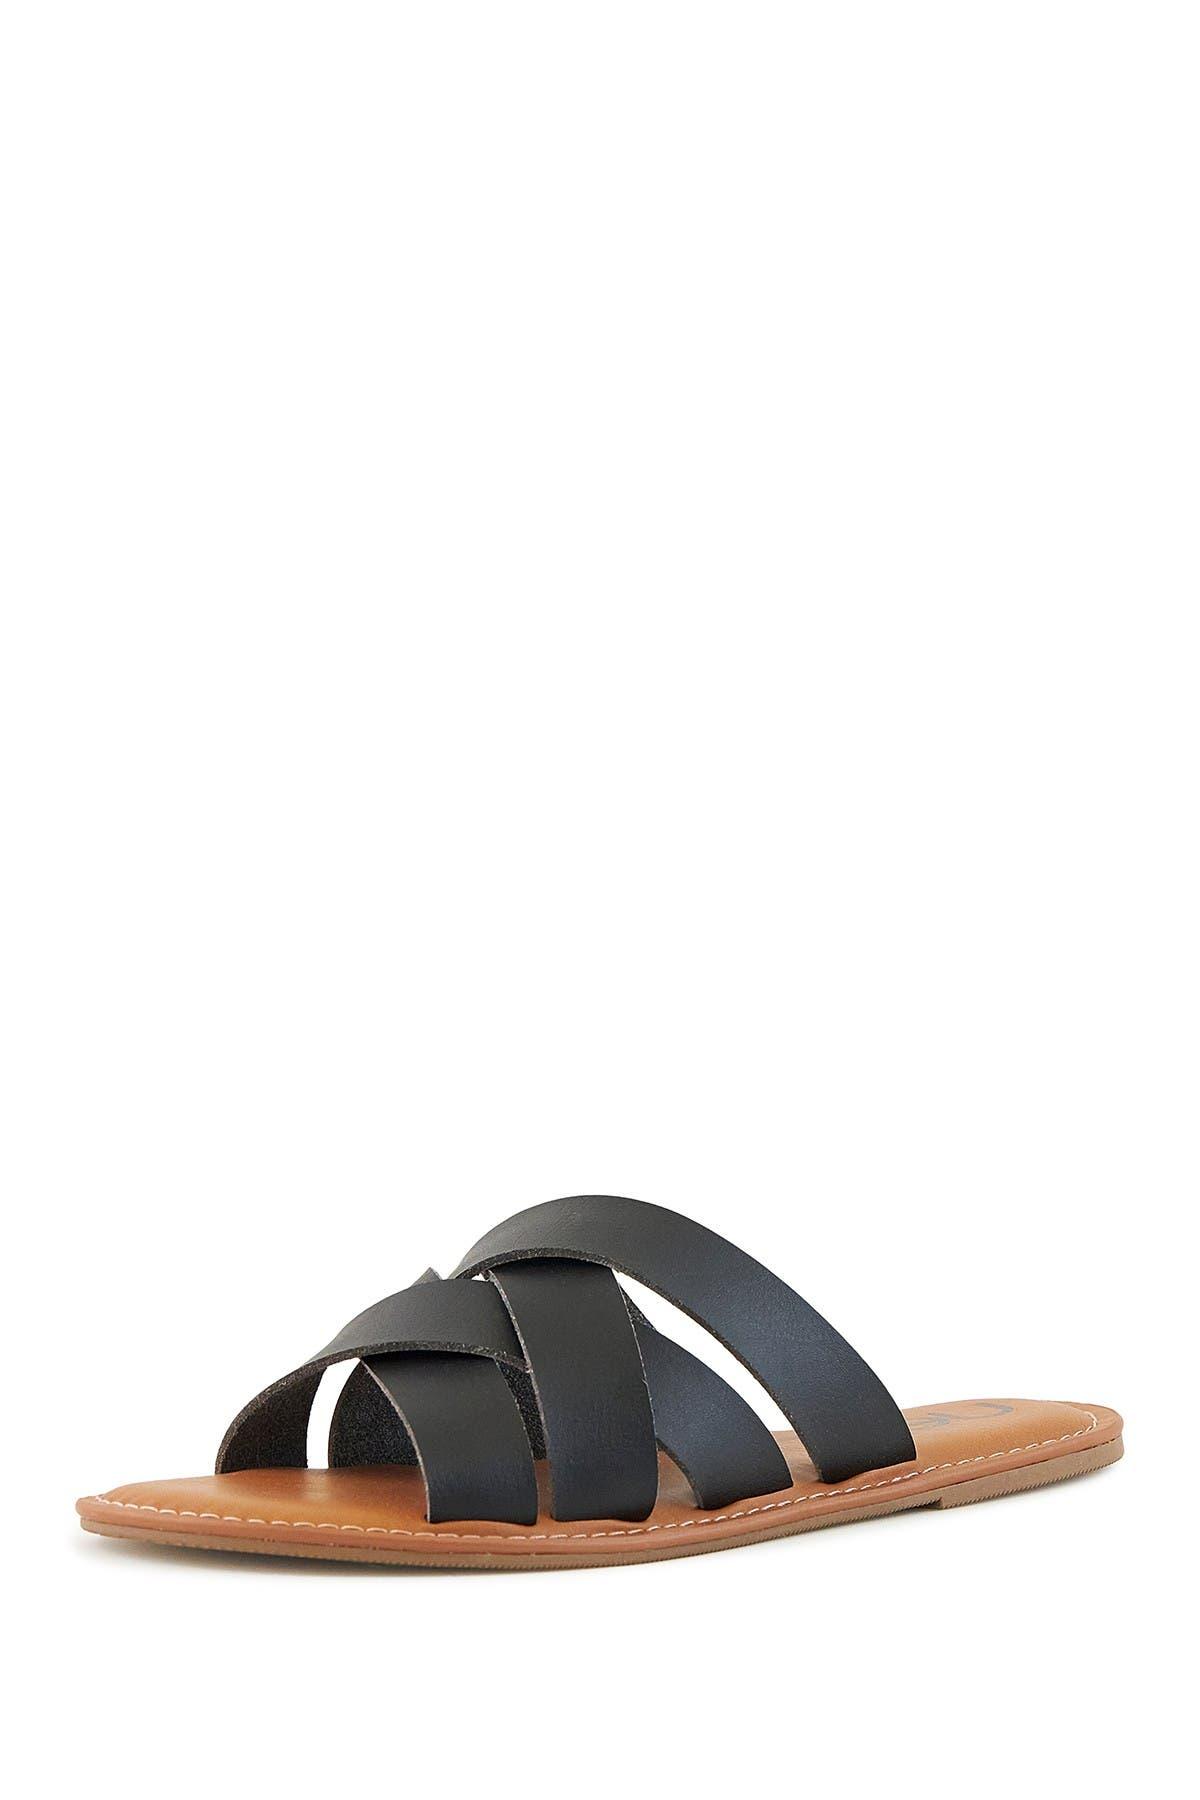 Image of NEST FOOTWEAR Crisscross Strappy Sandal